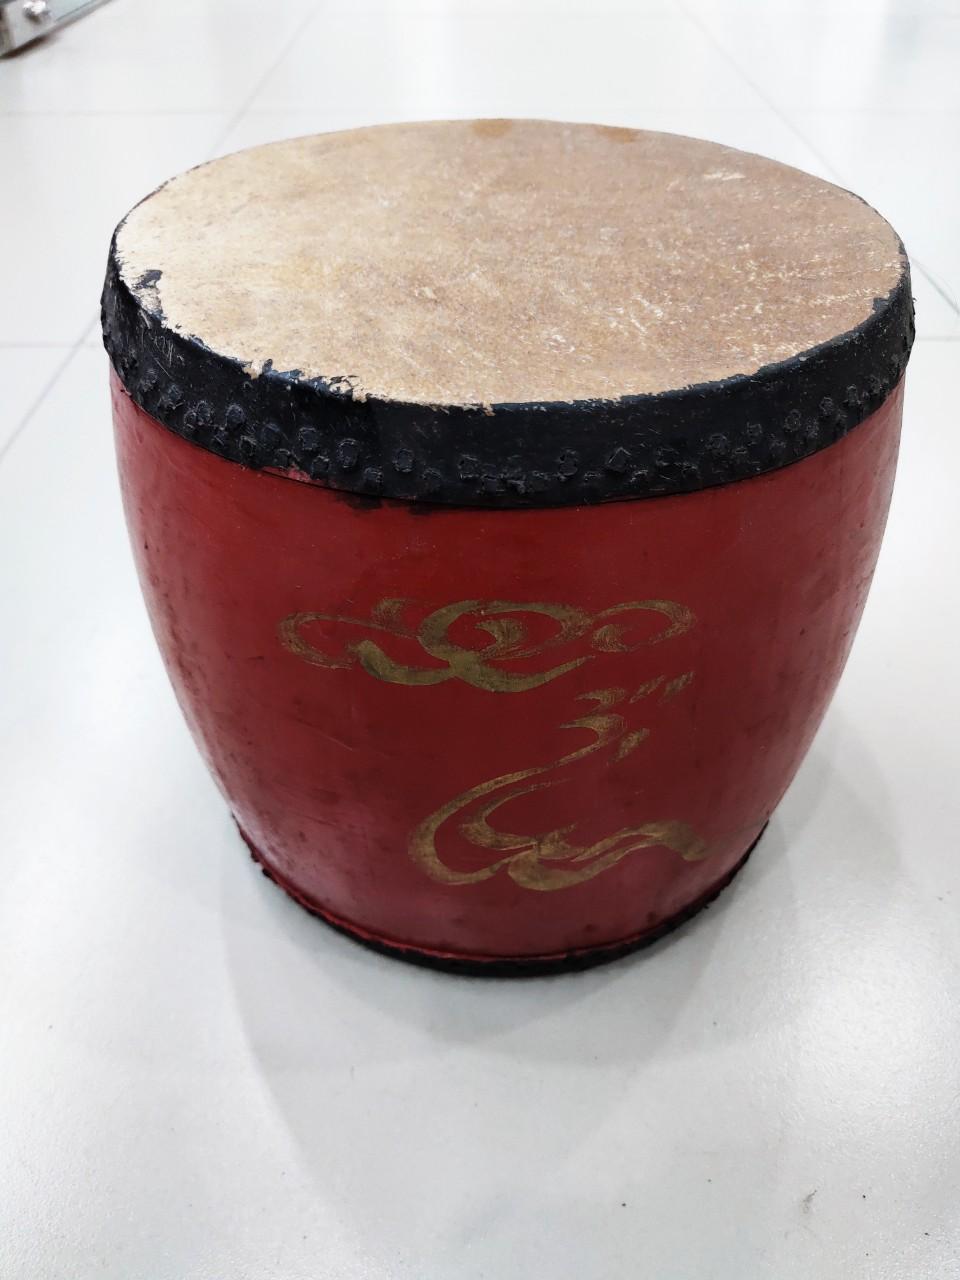 Trống dân tộc - Trống chèo dk20, cao 20 sơn đỏ gỗ lõi Mít